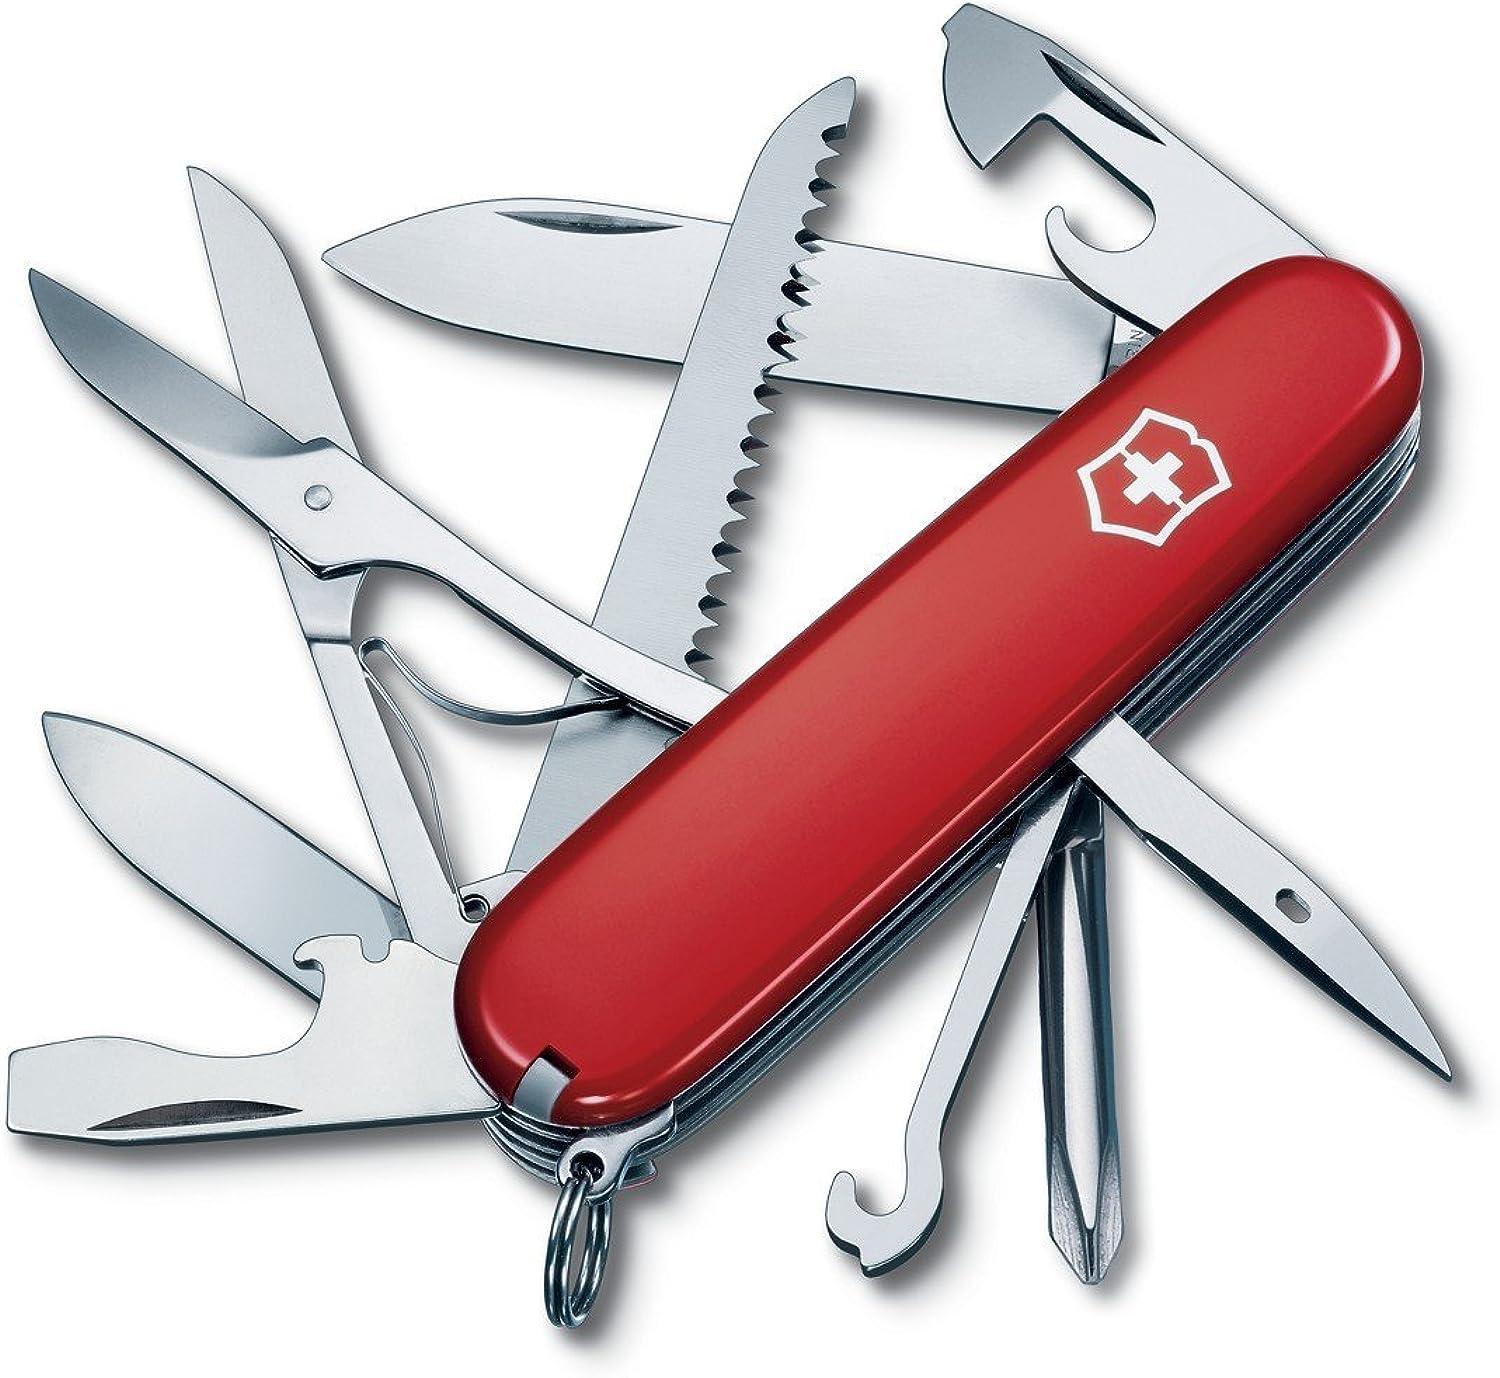 Victorinox Fieldmaster rot. B00006IS69 | Lassen Sie unsere Produkte in die Welt gehen